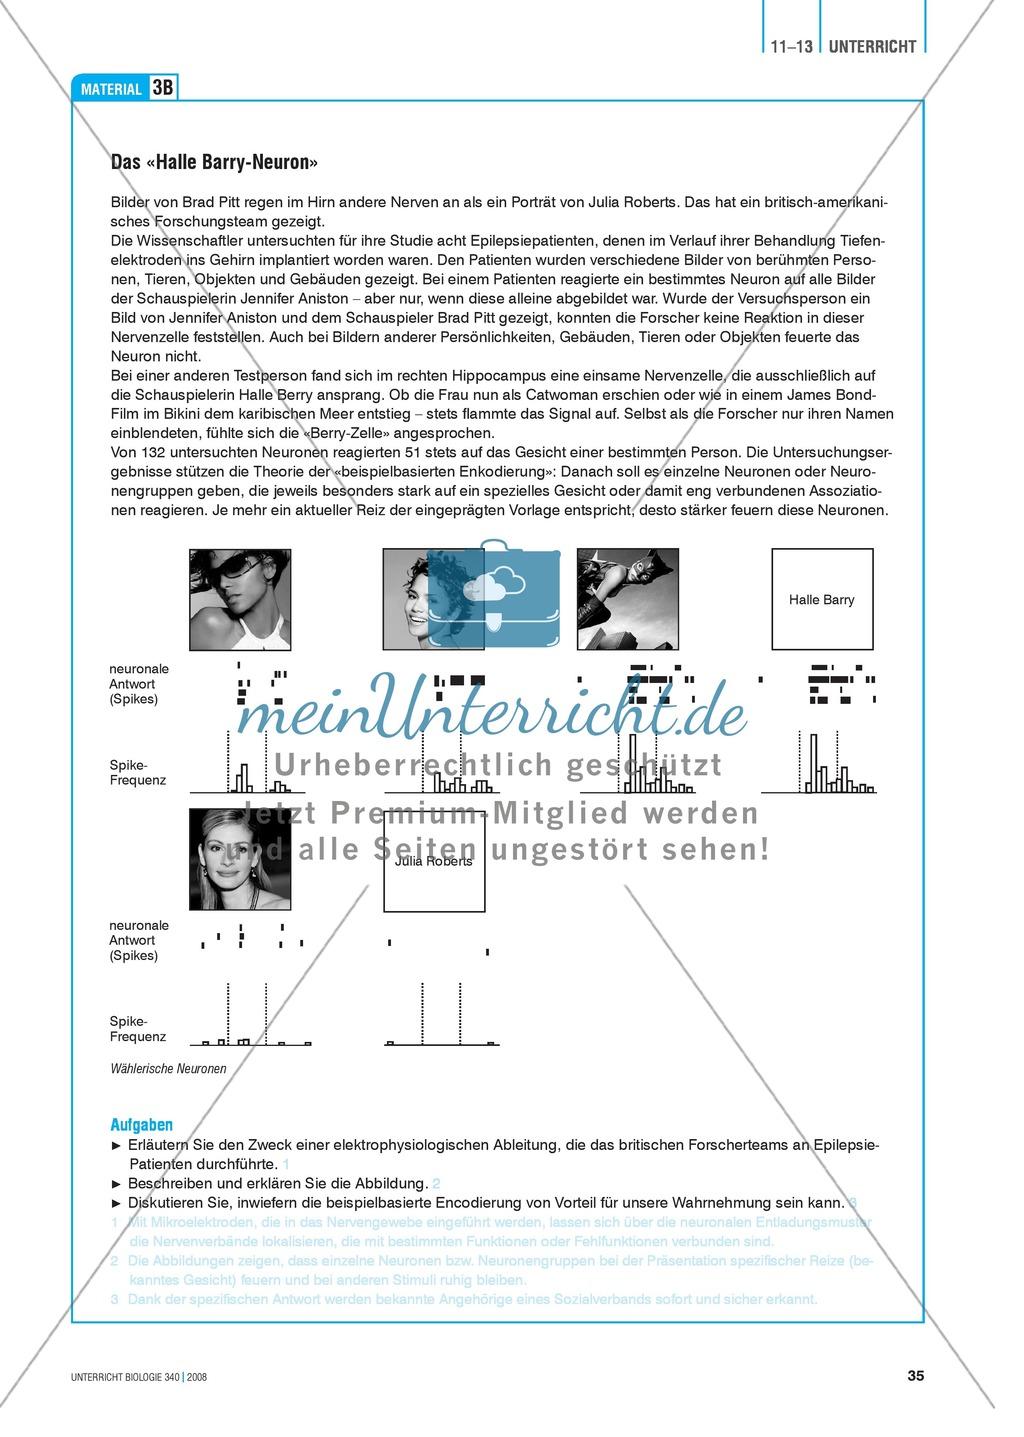 Kompartimentierung: Vernetzung im Gehirn - Gesichtserkennung durch Neuronen Preview 4